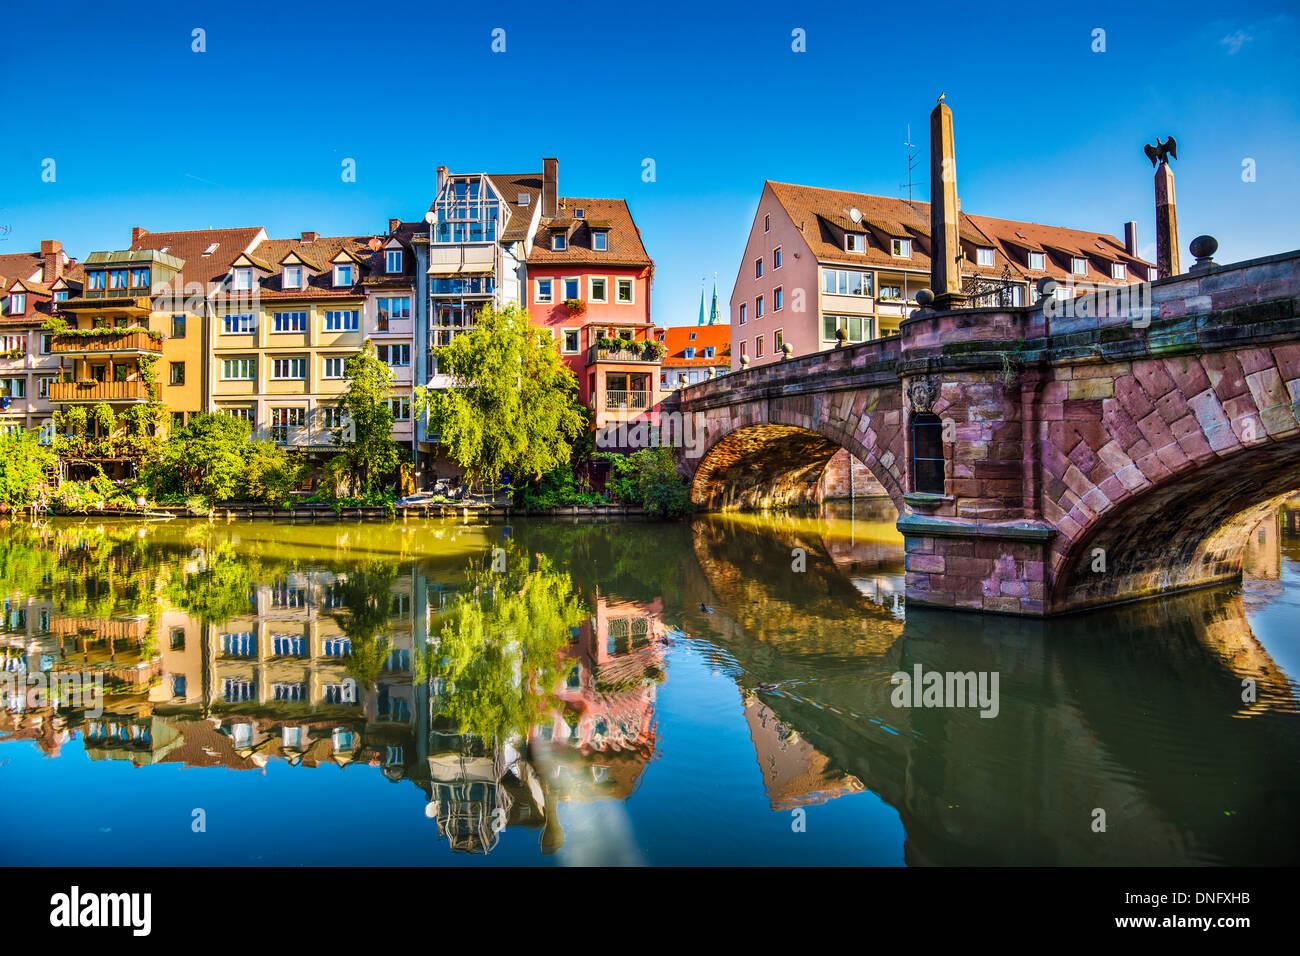 Nürnberg Altstadt am Fluss Pegnitz. Stockbild